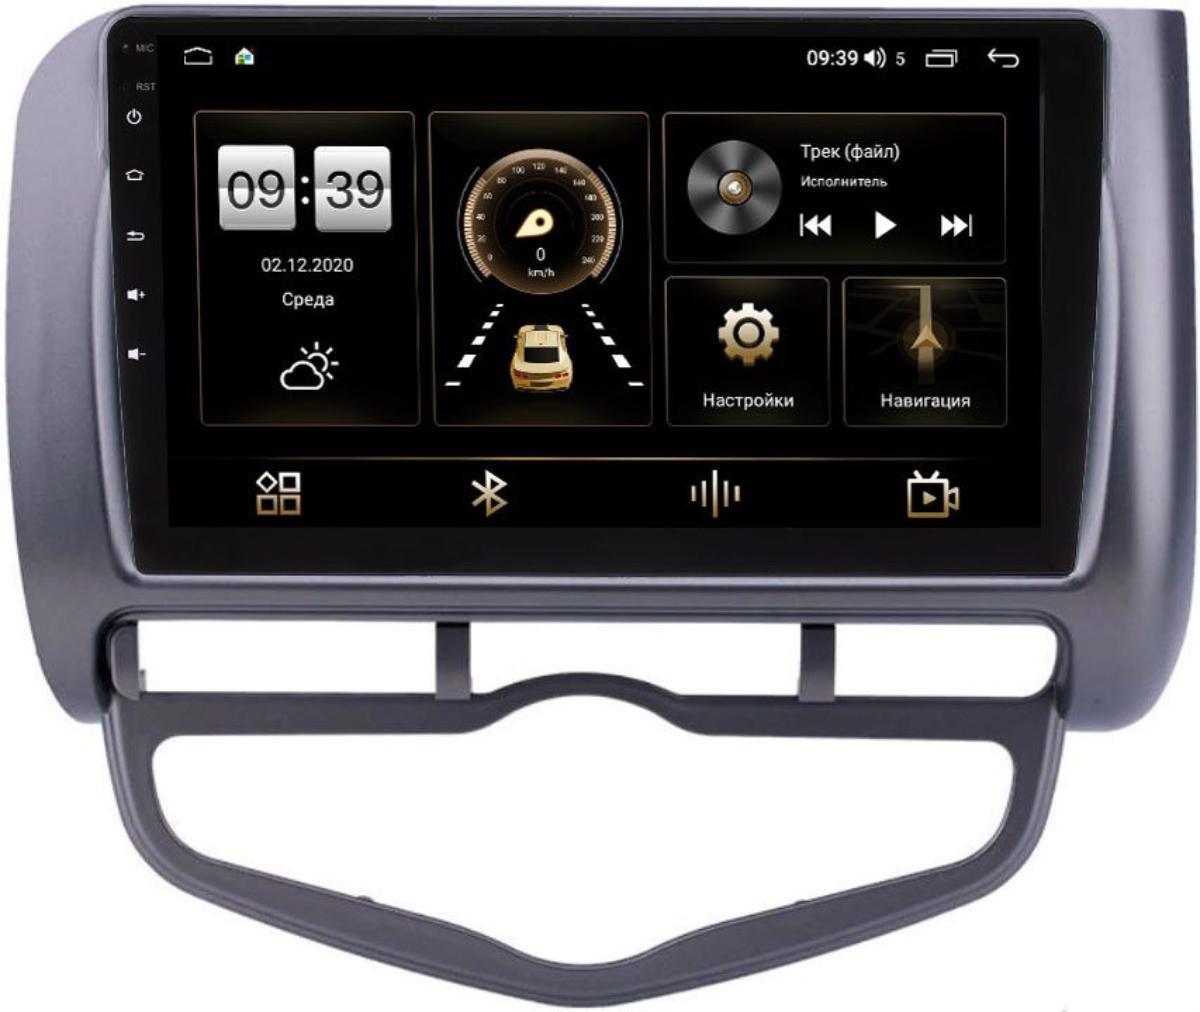 Штатная магнитола Honda Jazz I 2001-2008 (левый руль) LeTrun 4166-9267 на Android 10 (4G-SIM, 3/32, DSP, QLed) (+ Камера заднего вида в подарок!)